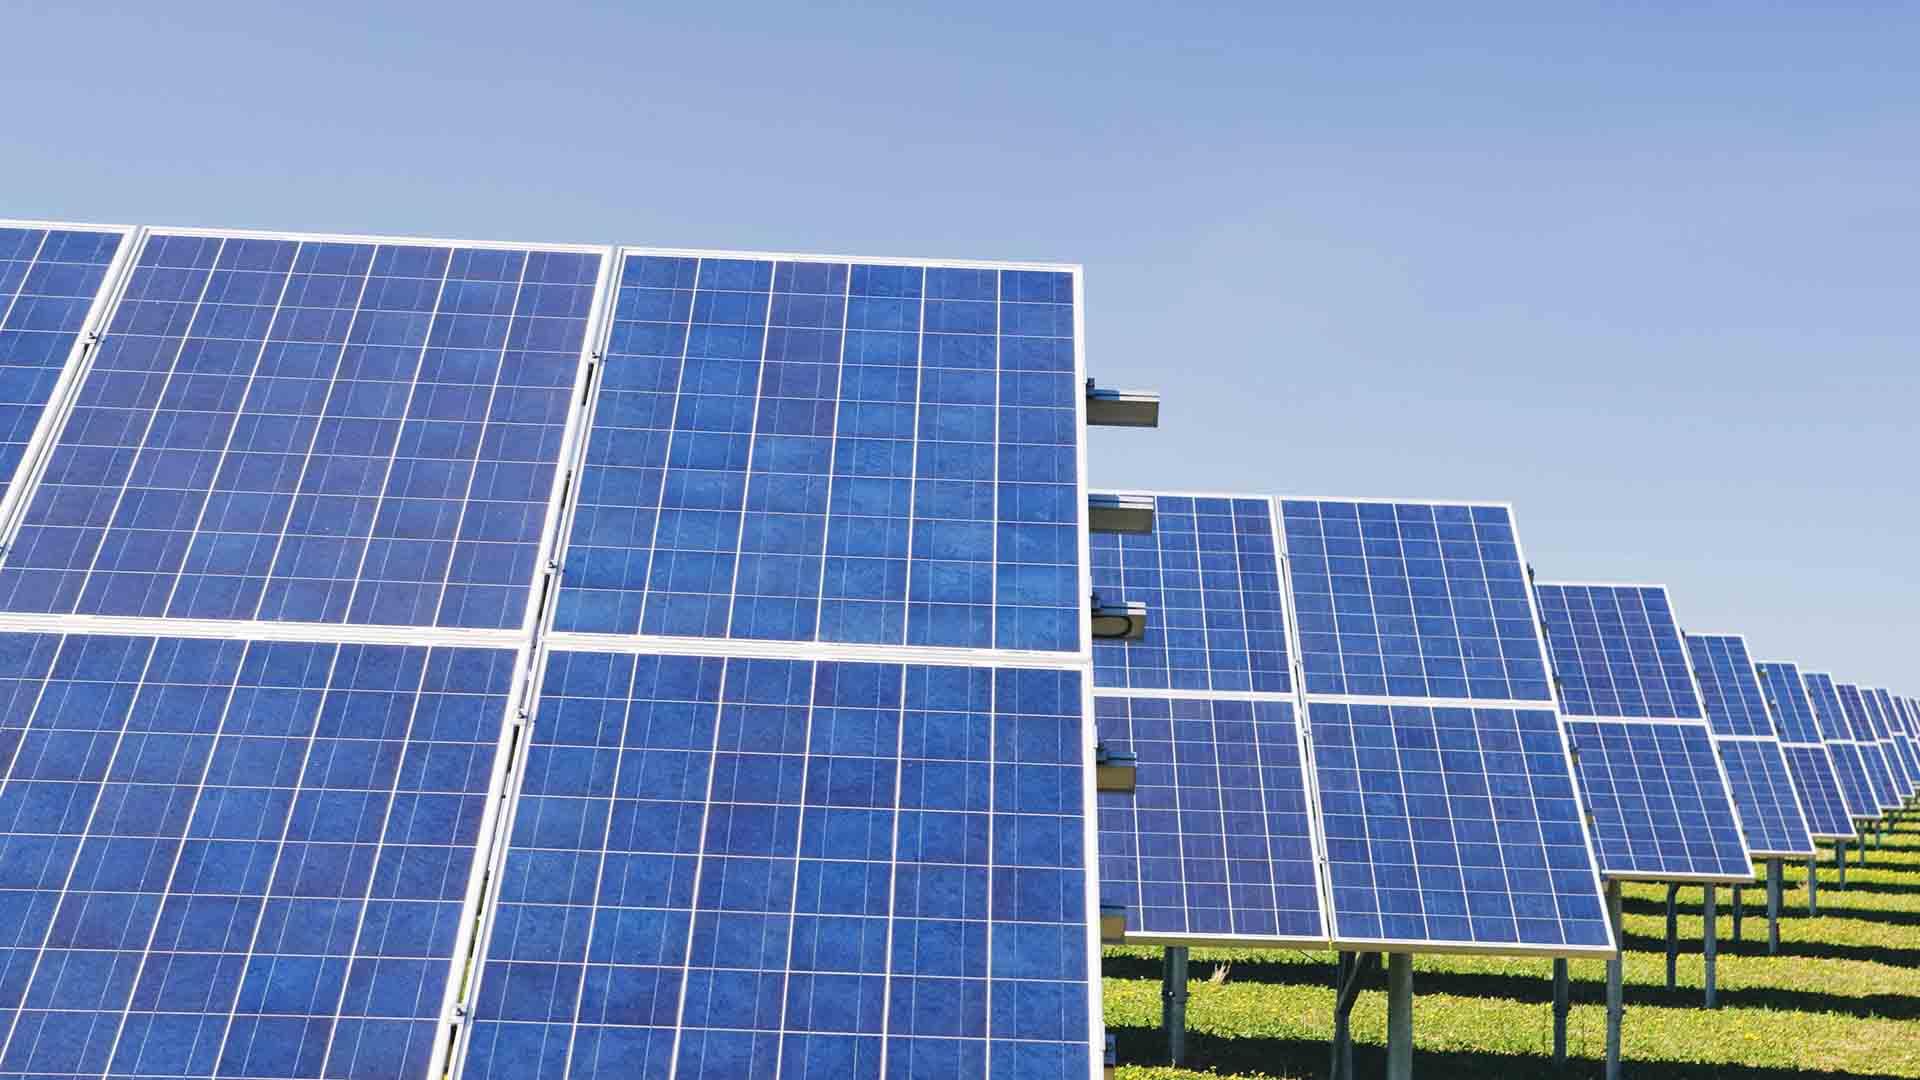 La resa dei pannelli solari ha toccato soglie impensabili cinque anni fa